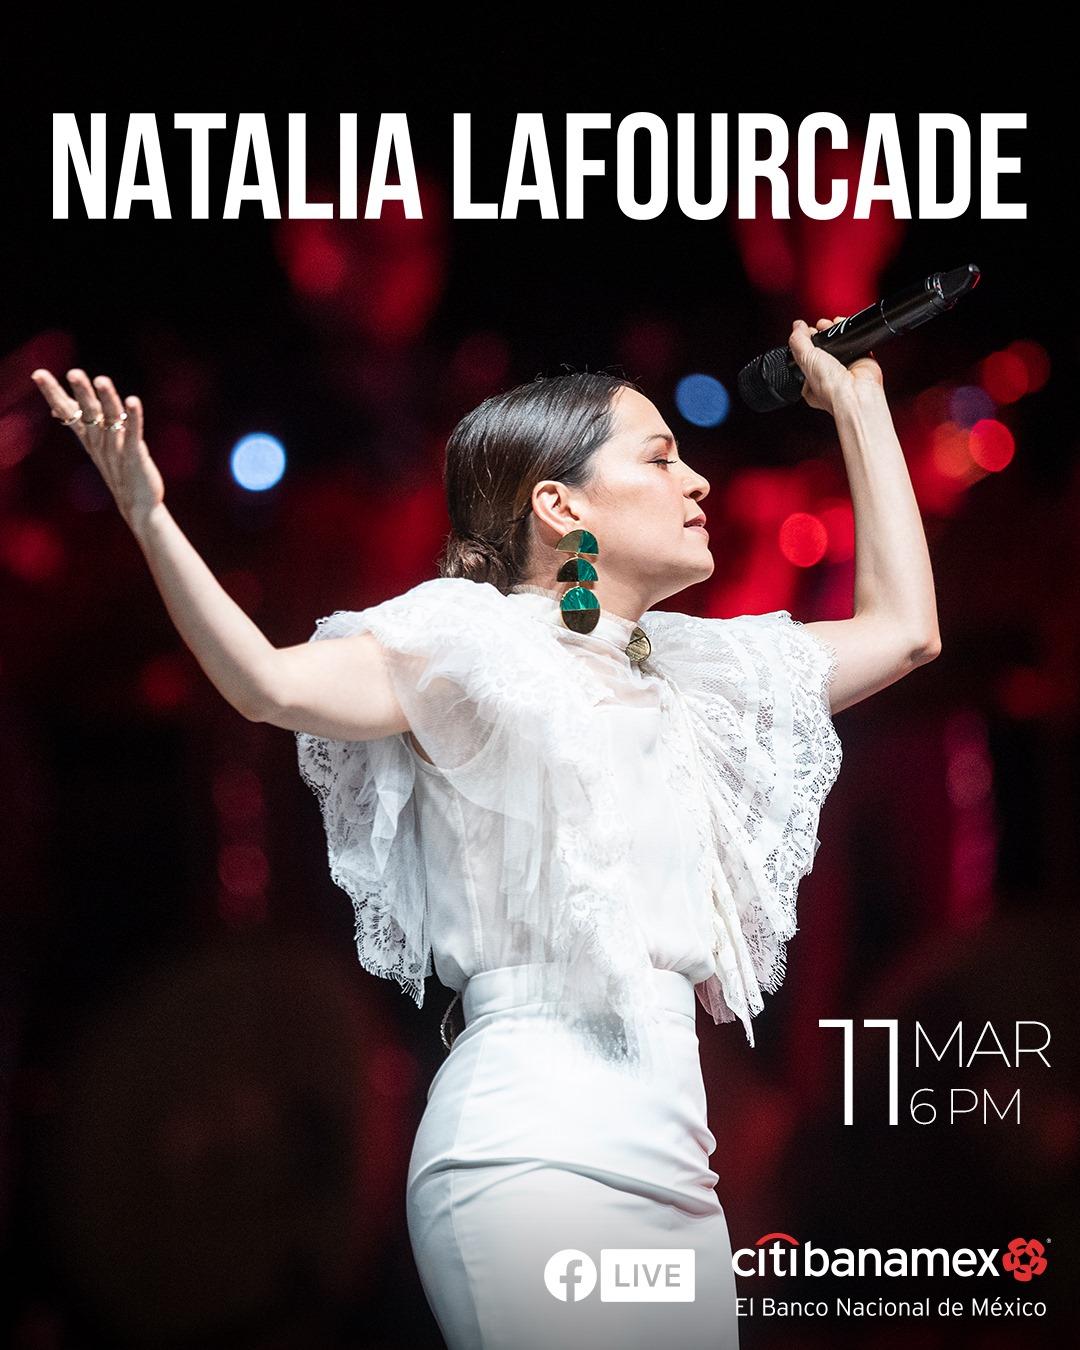 concierto gratuito de Natalia Lafourcade en línea hoy!